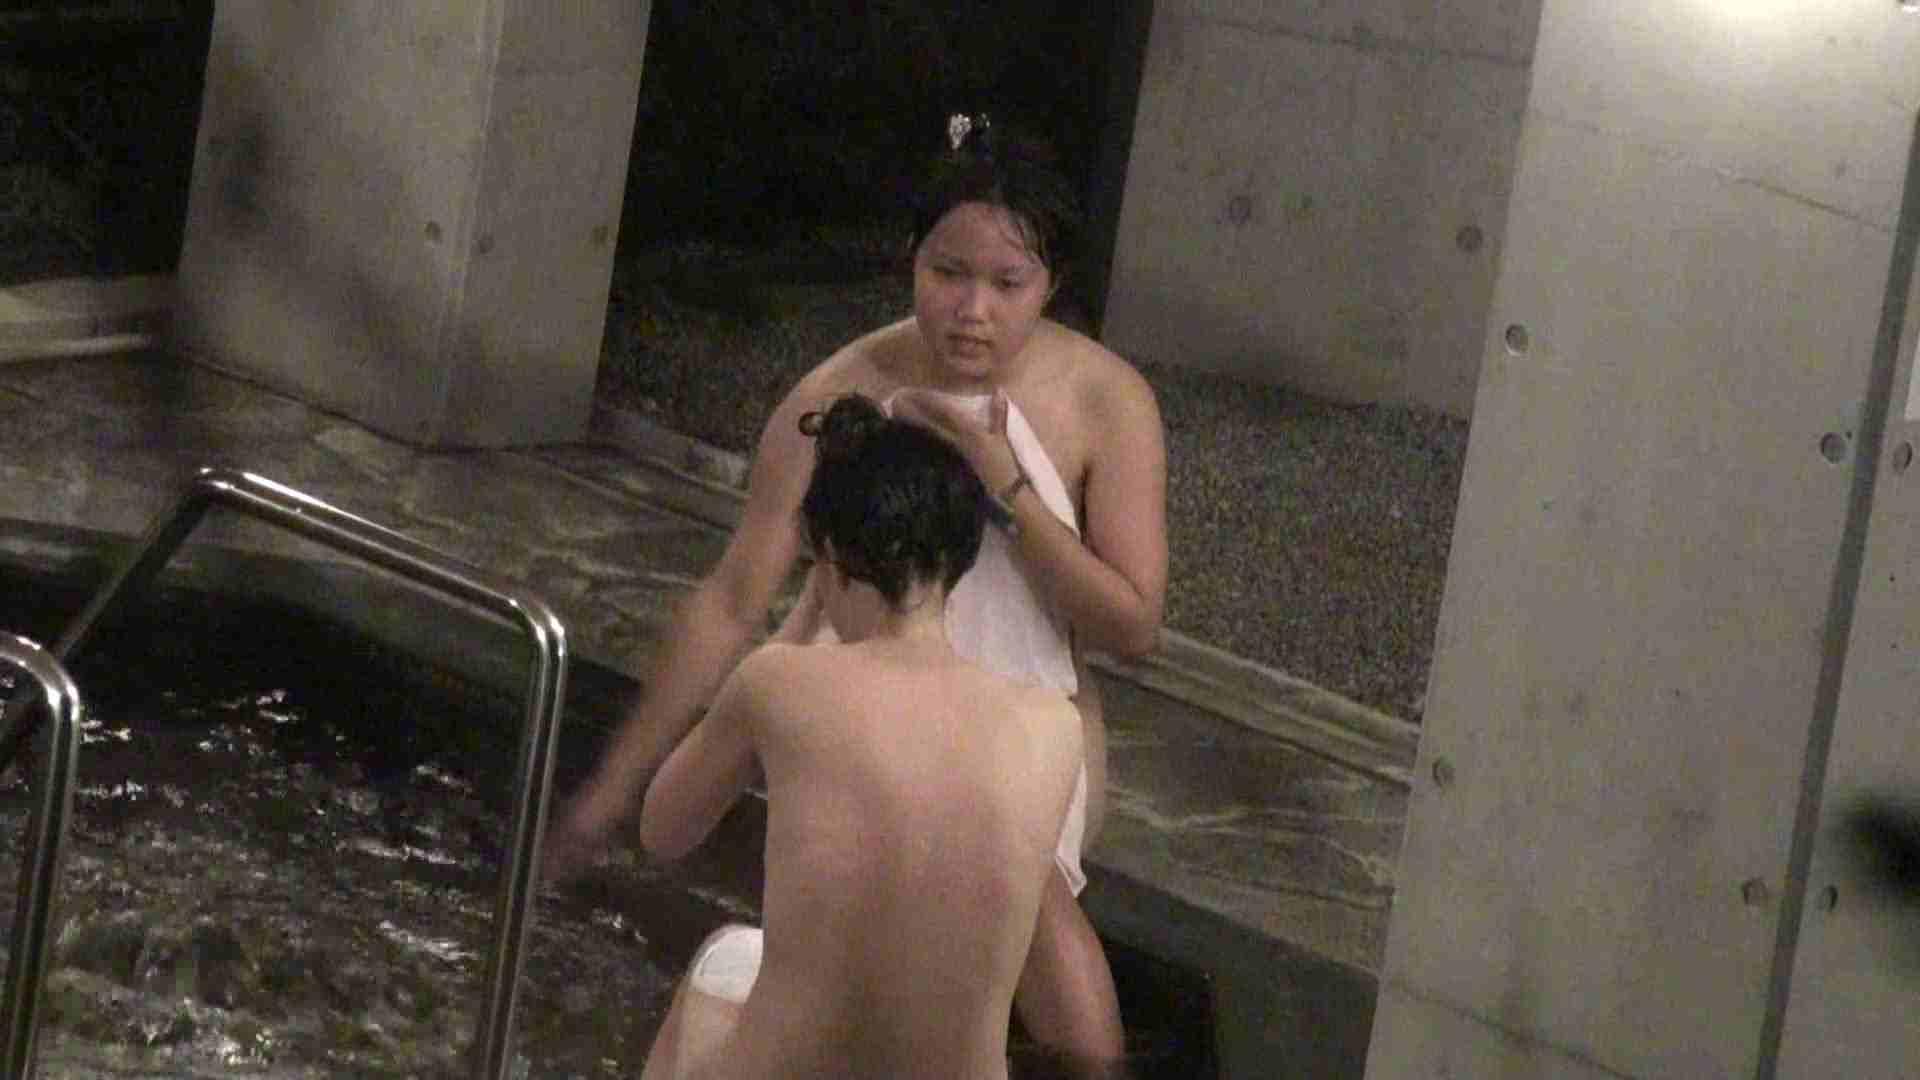 Aquaな露天風呂Vol.382 OLエロ画像  78PICs 48